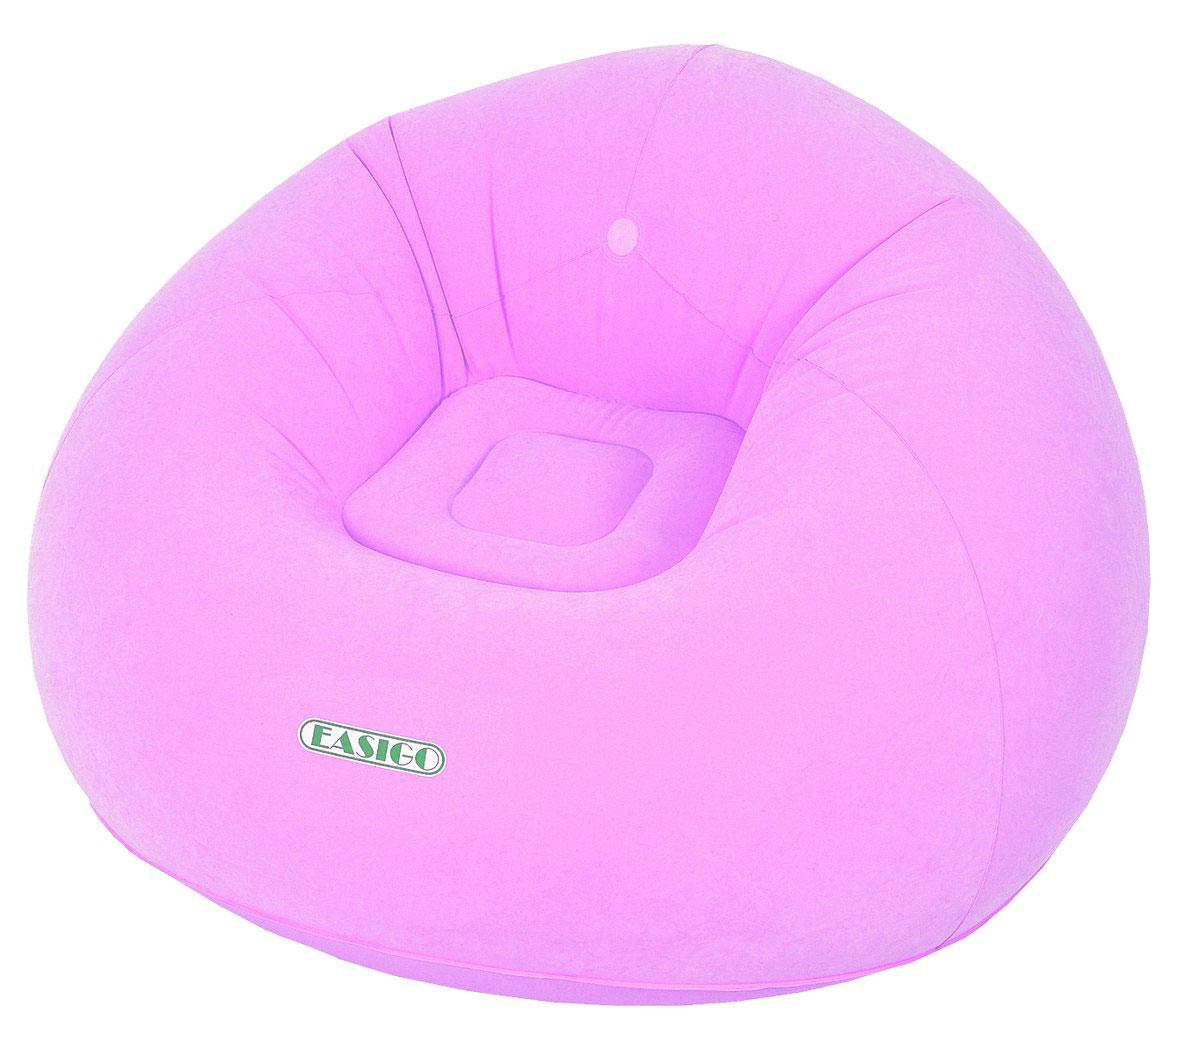 Кресло надувное Jilong Easigo, цвет: розовый, 105 х 105 х 65 см jilong page 8